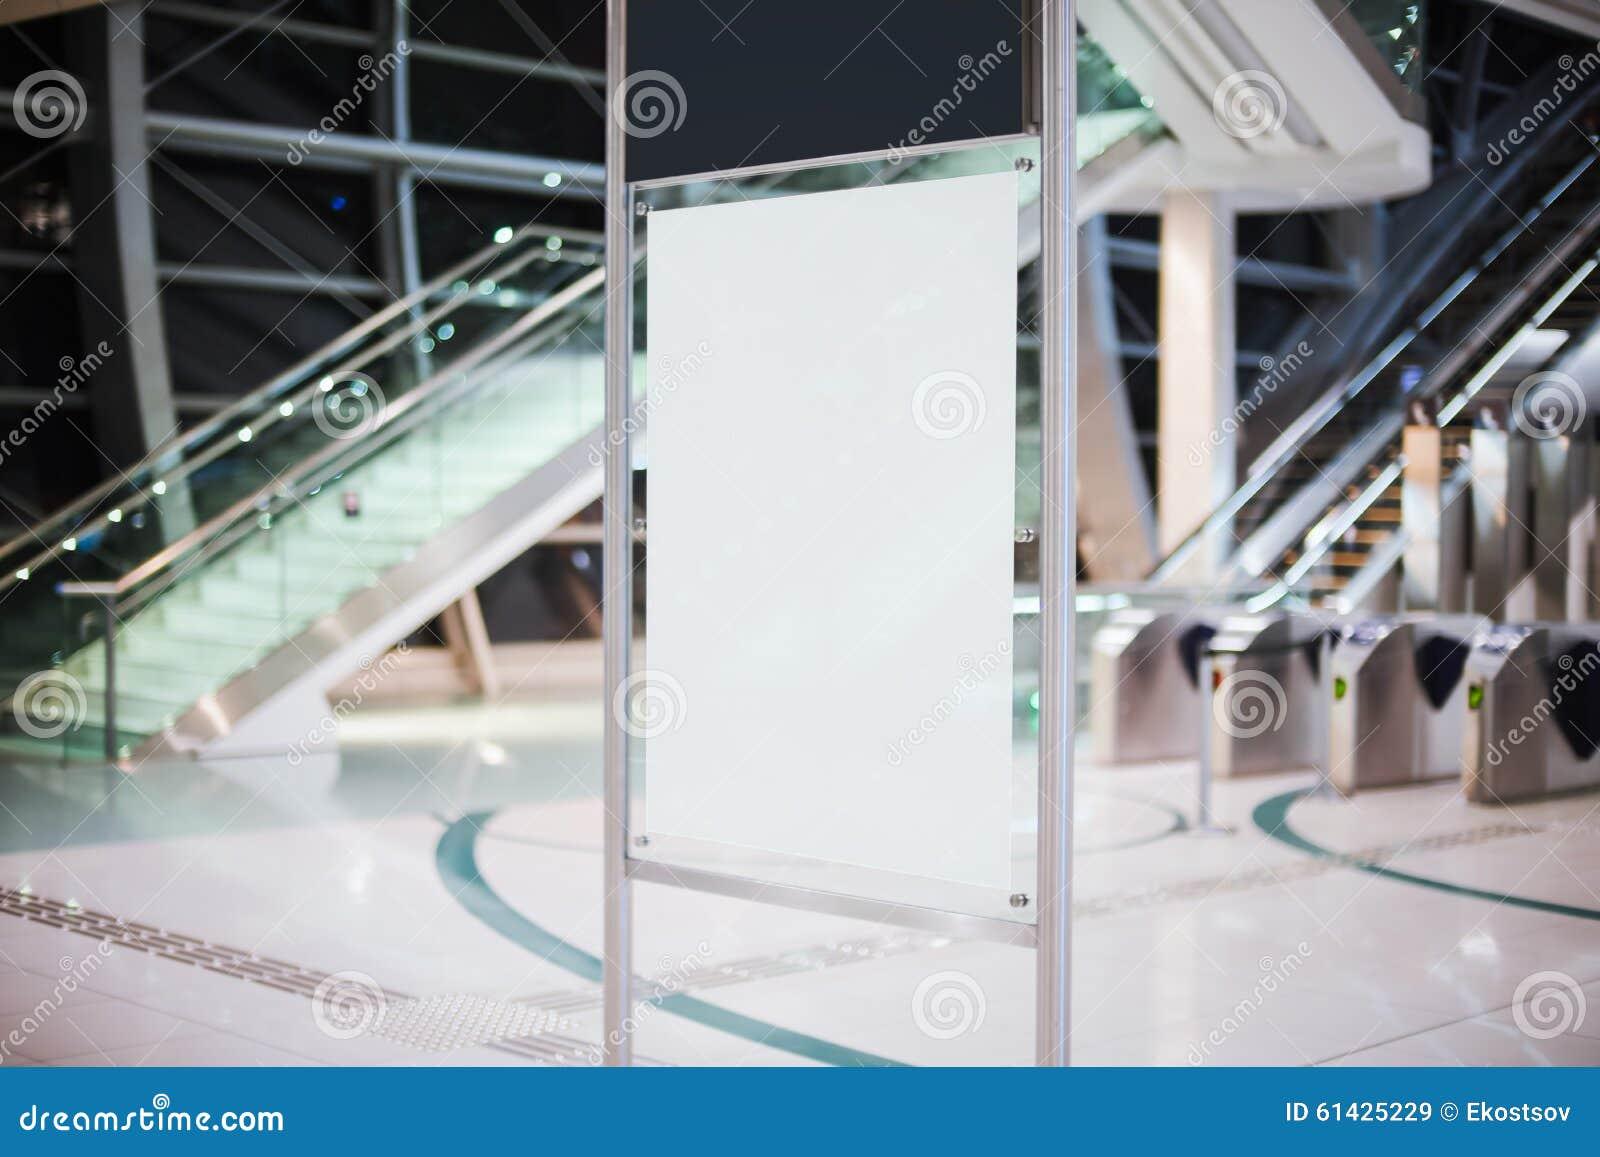 Tabellone per le affissioni bianco in bianco nel sottopassaggio